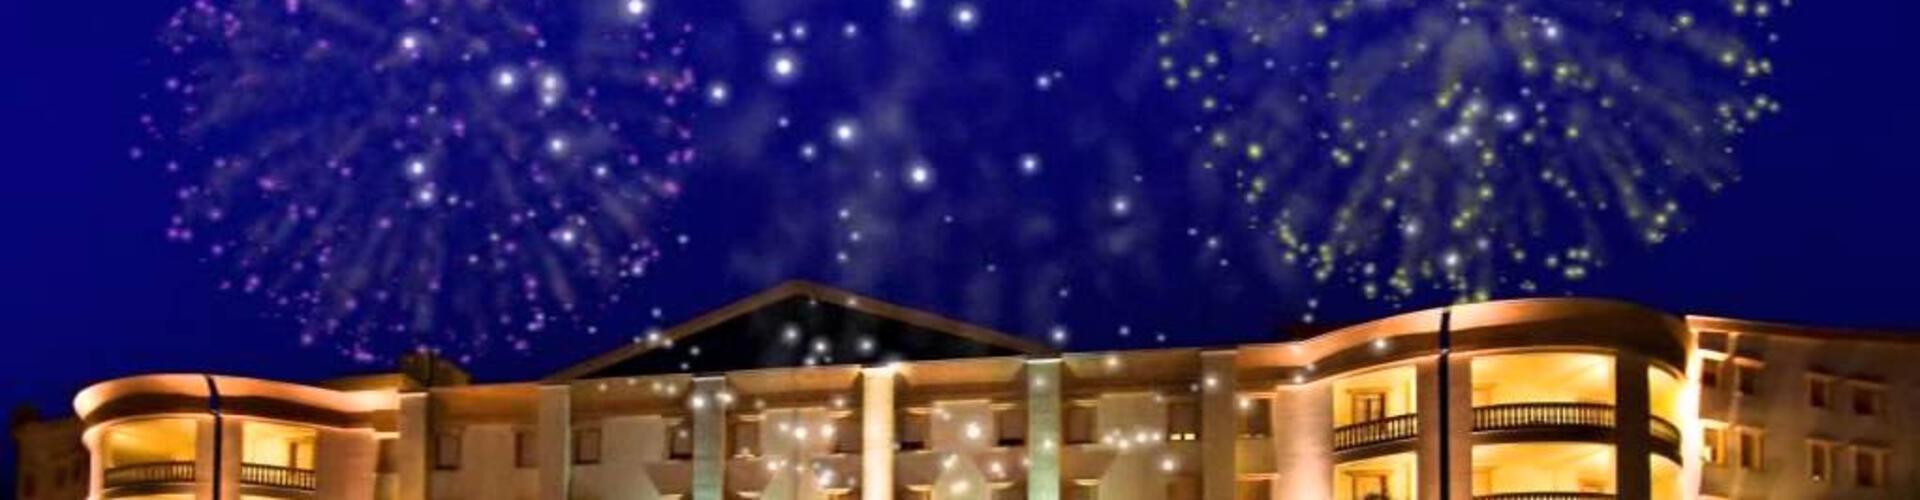 Silvester im Hotel mit großer Feier, Gala-Mittagessen und Live-Musik in San Giovanni Rotondo